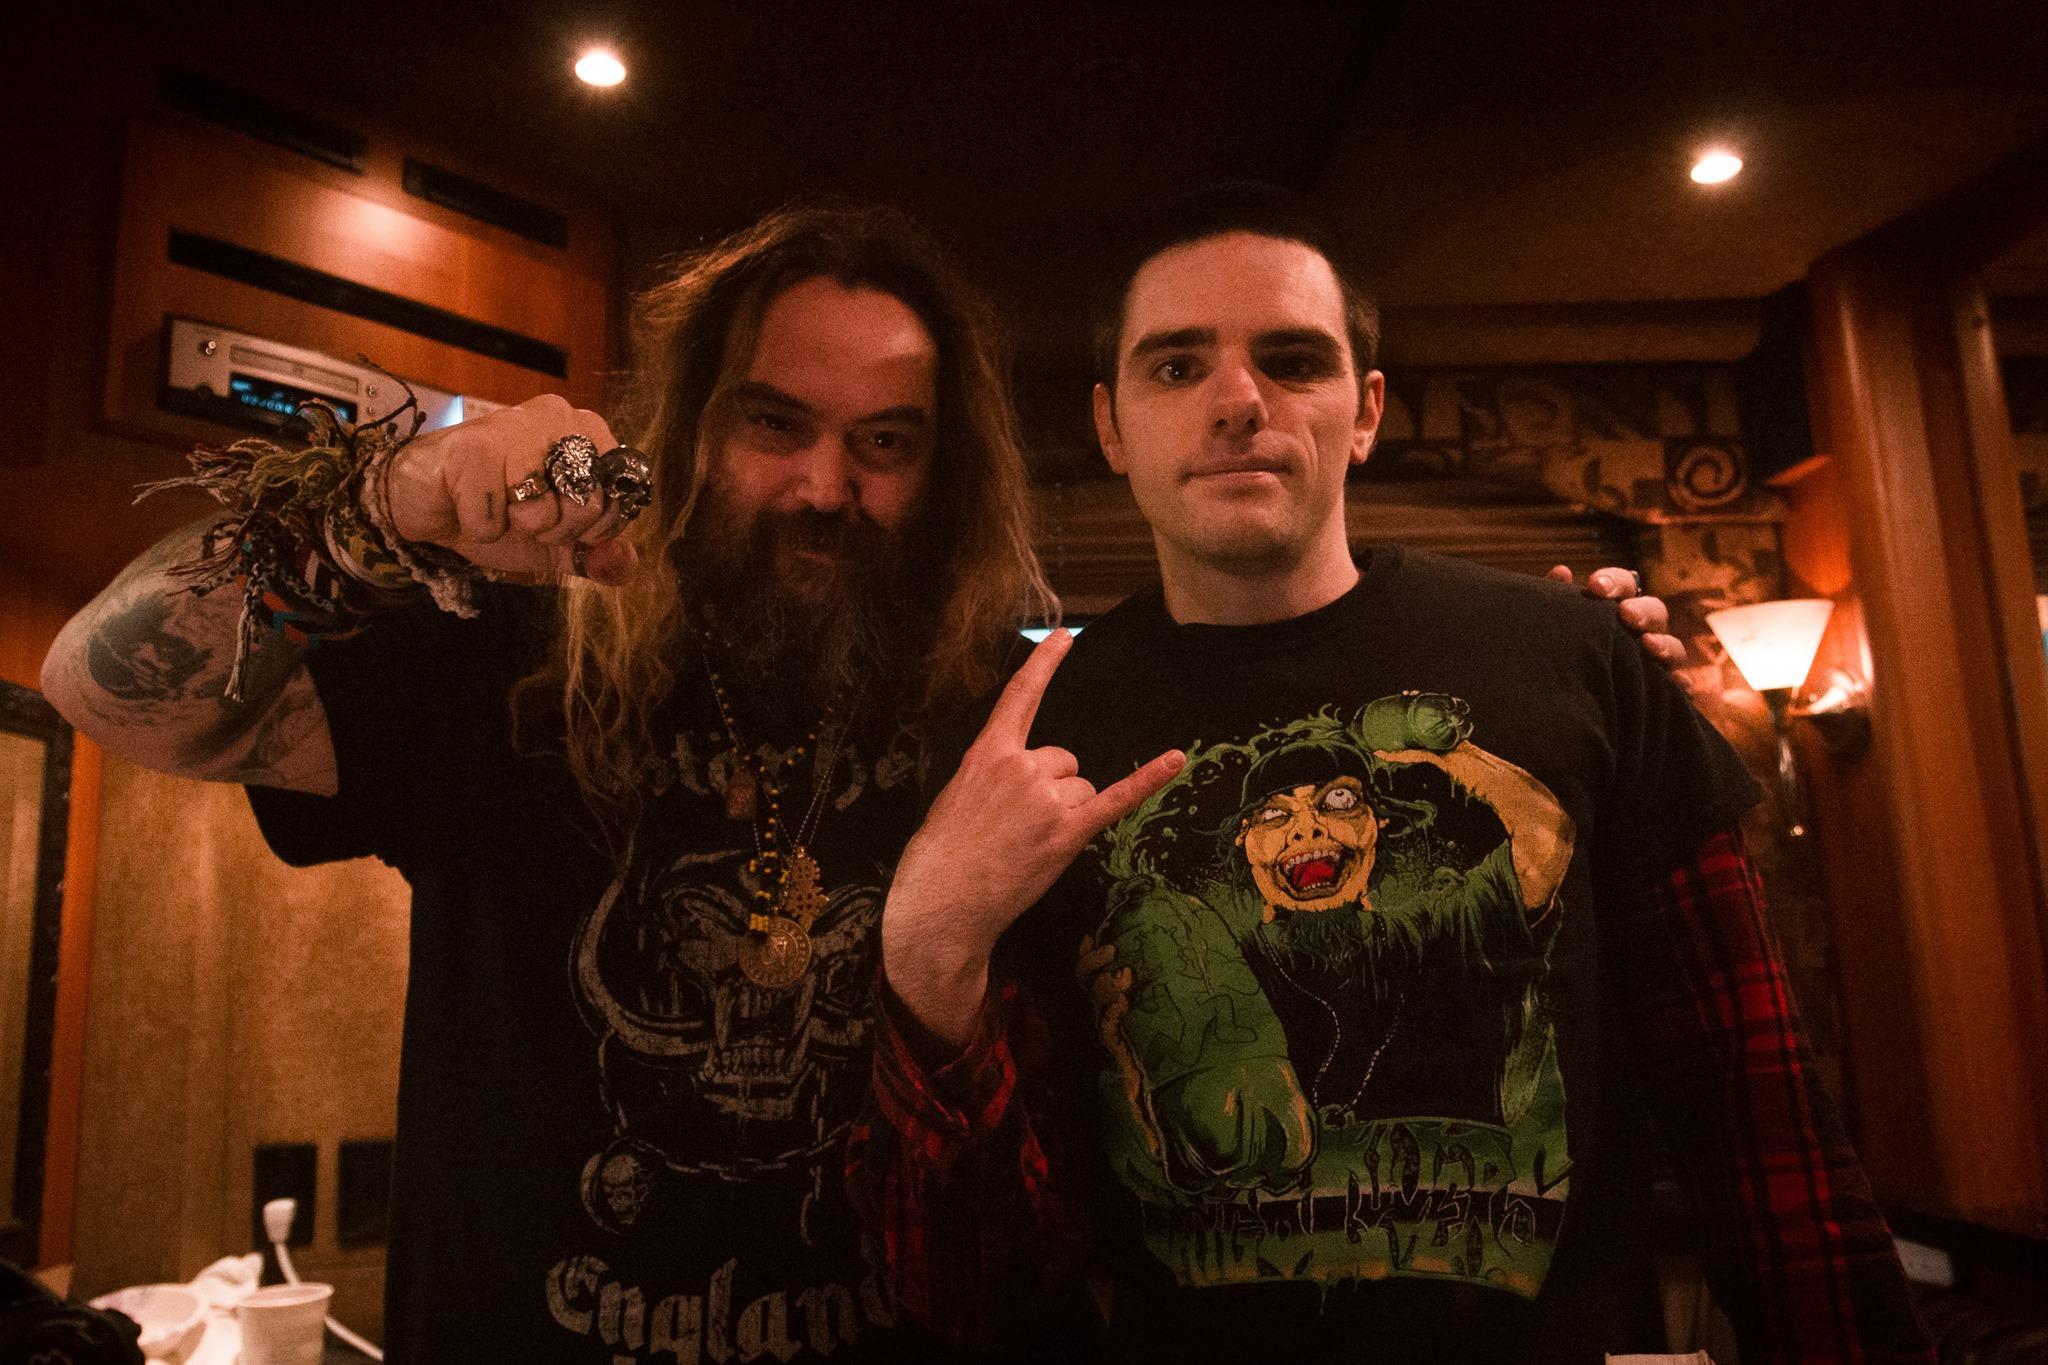 21d2ec85c1 Max and Iggor Cavalera (Sepultura Soulfly Cavalera Conspiracy) Return to  Roots interview